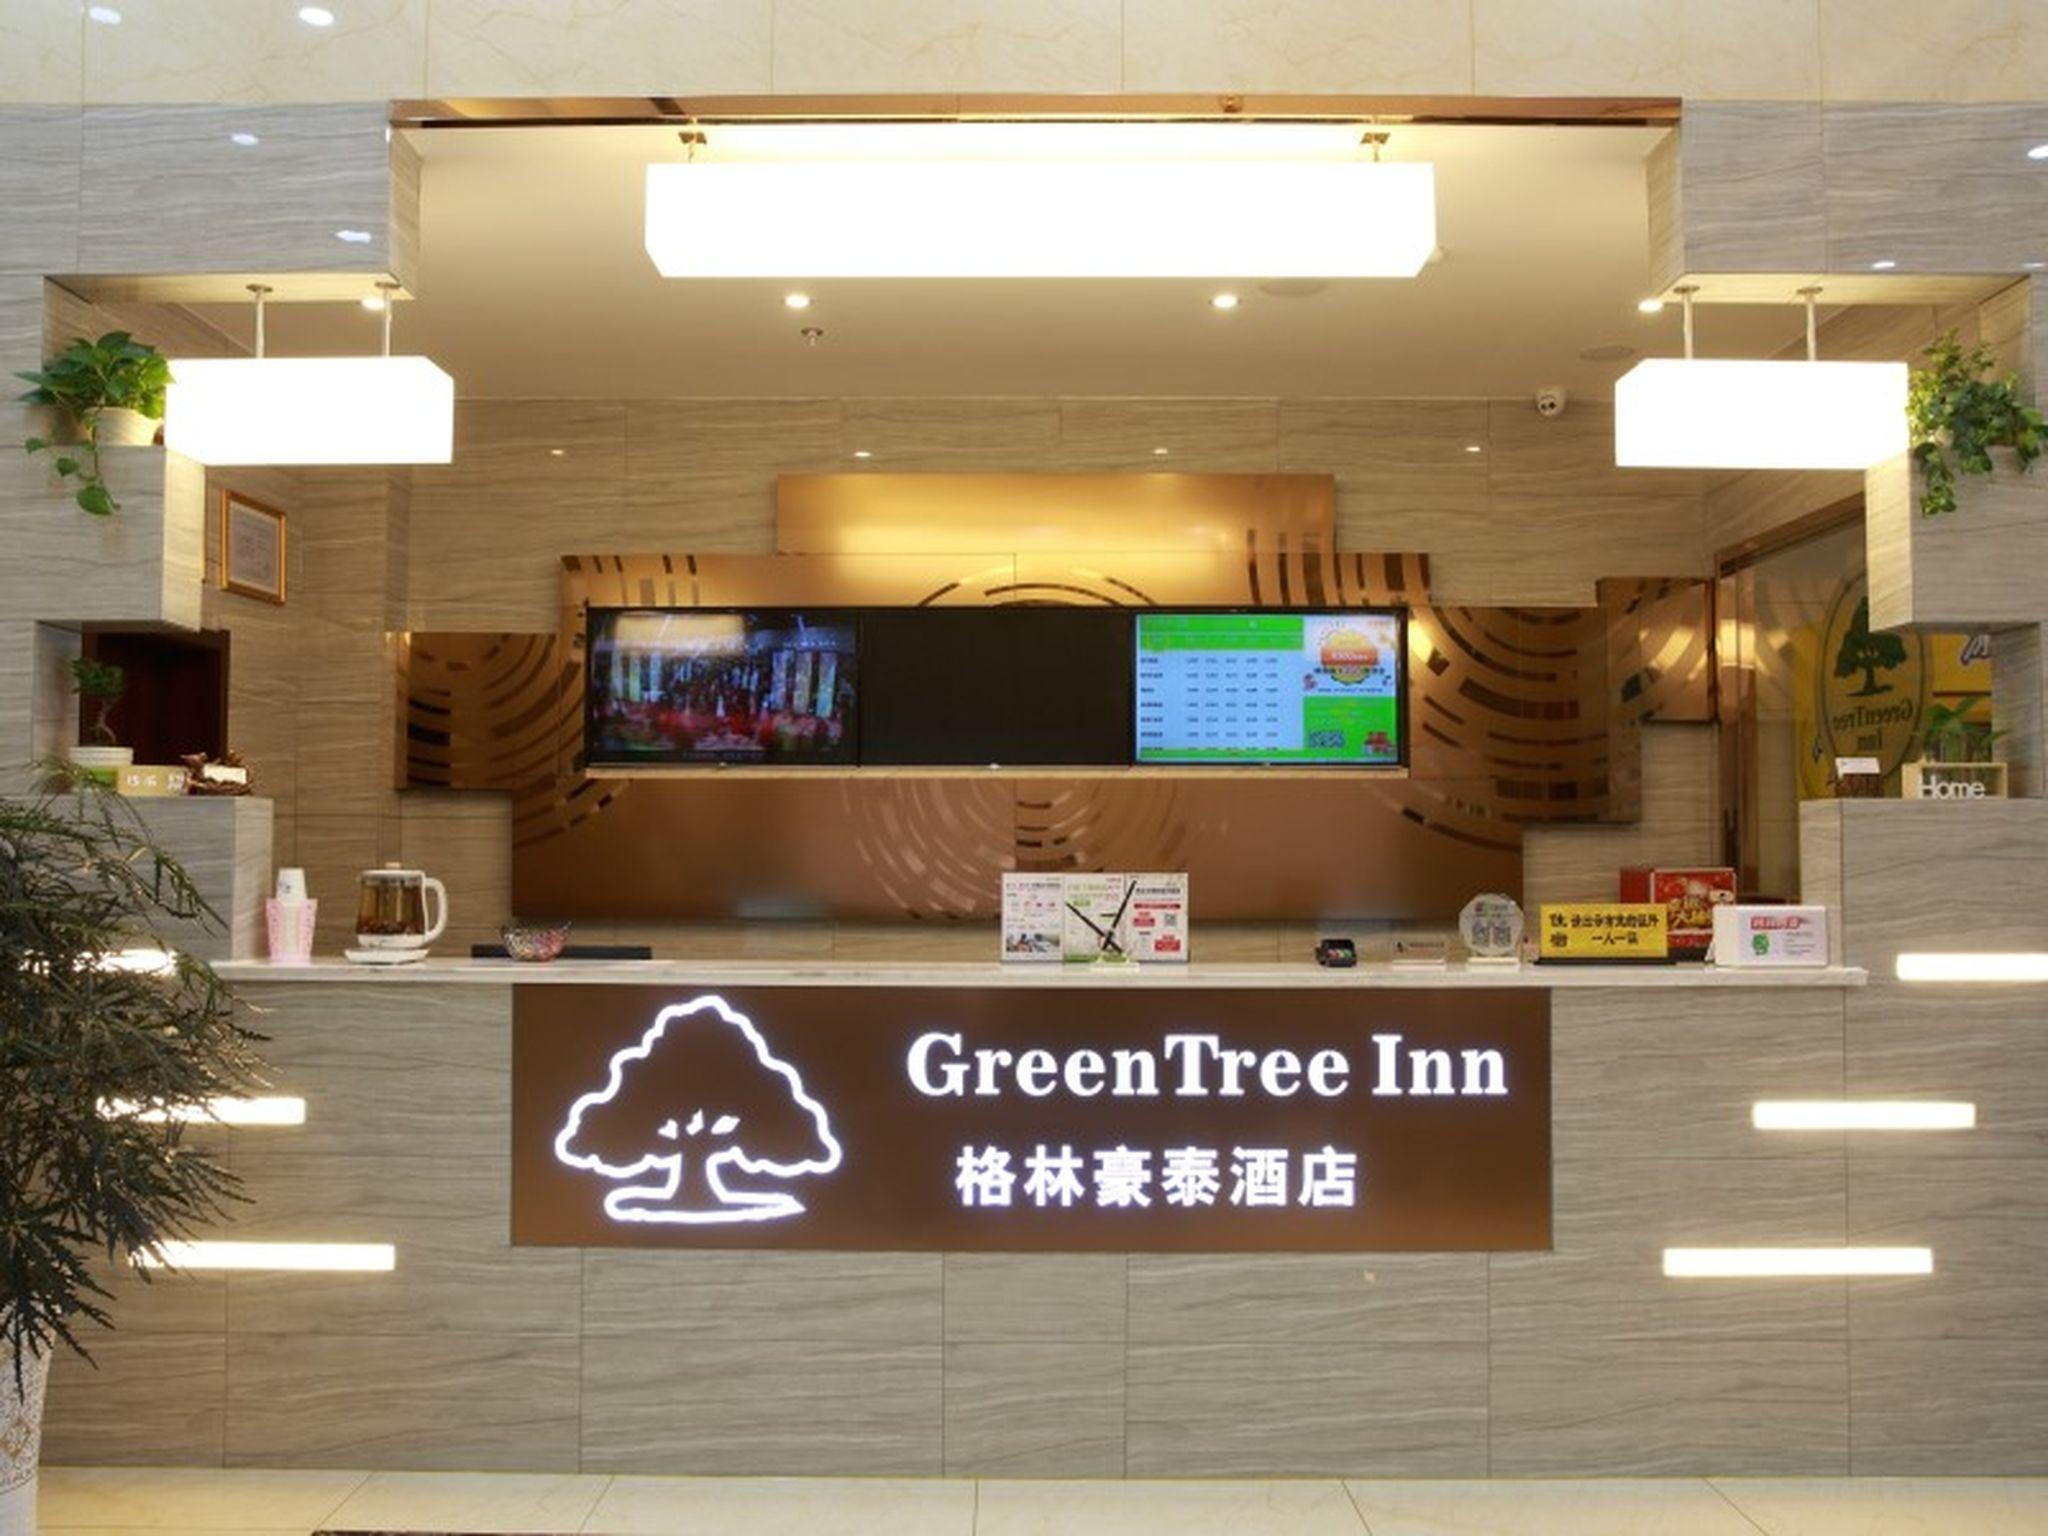 GreenTree Inn Wuxi Yixing Xushe Town Goverment Express Hotel